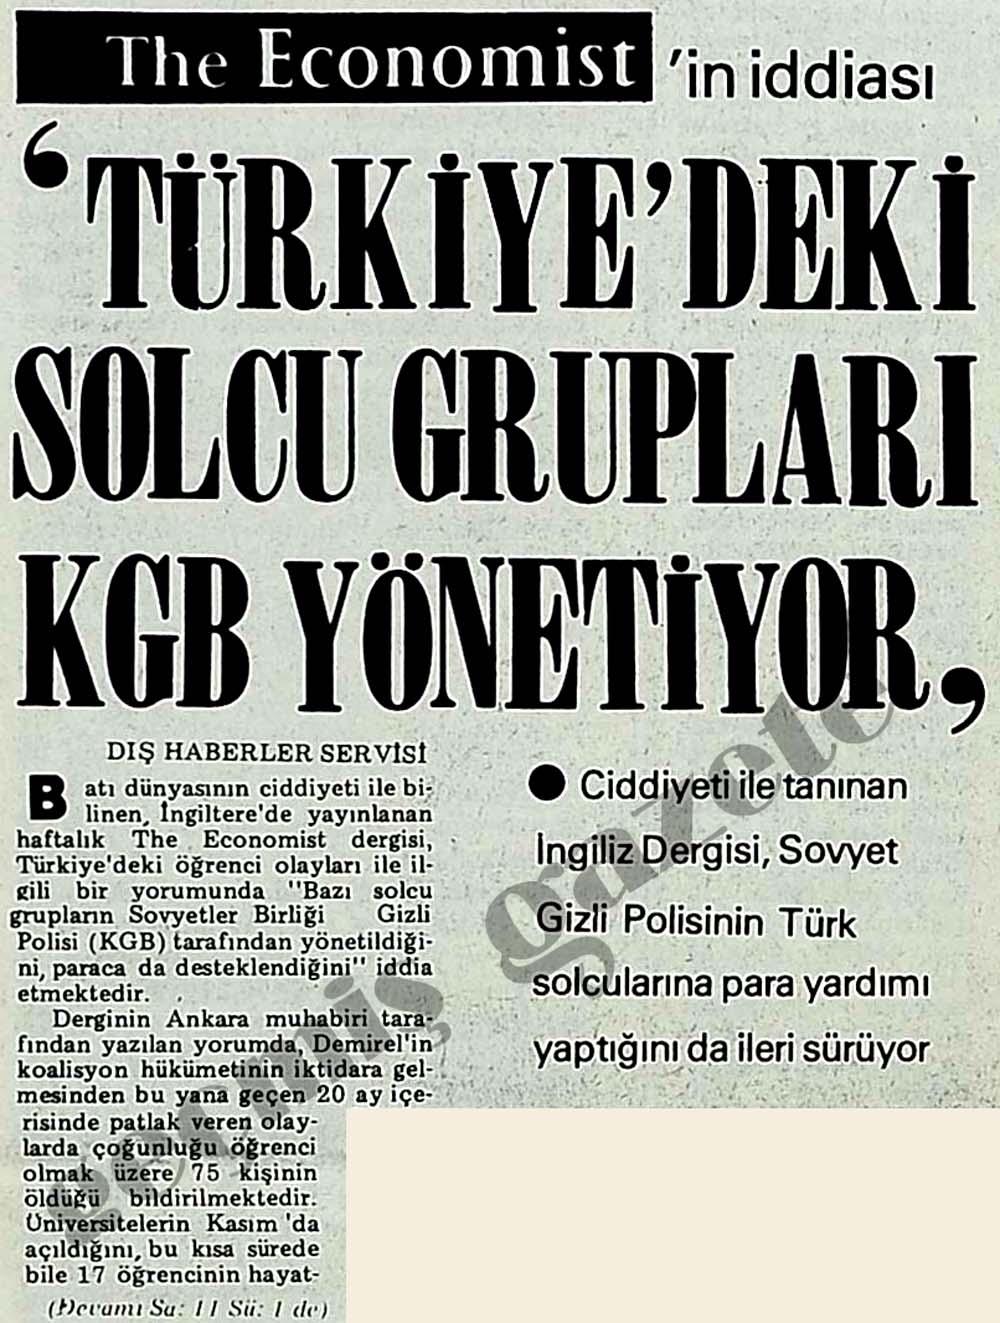 'Türkiye'deki solcu grupları KGB yönetiyor'